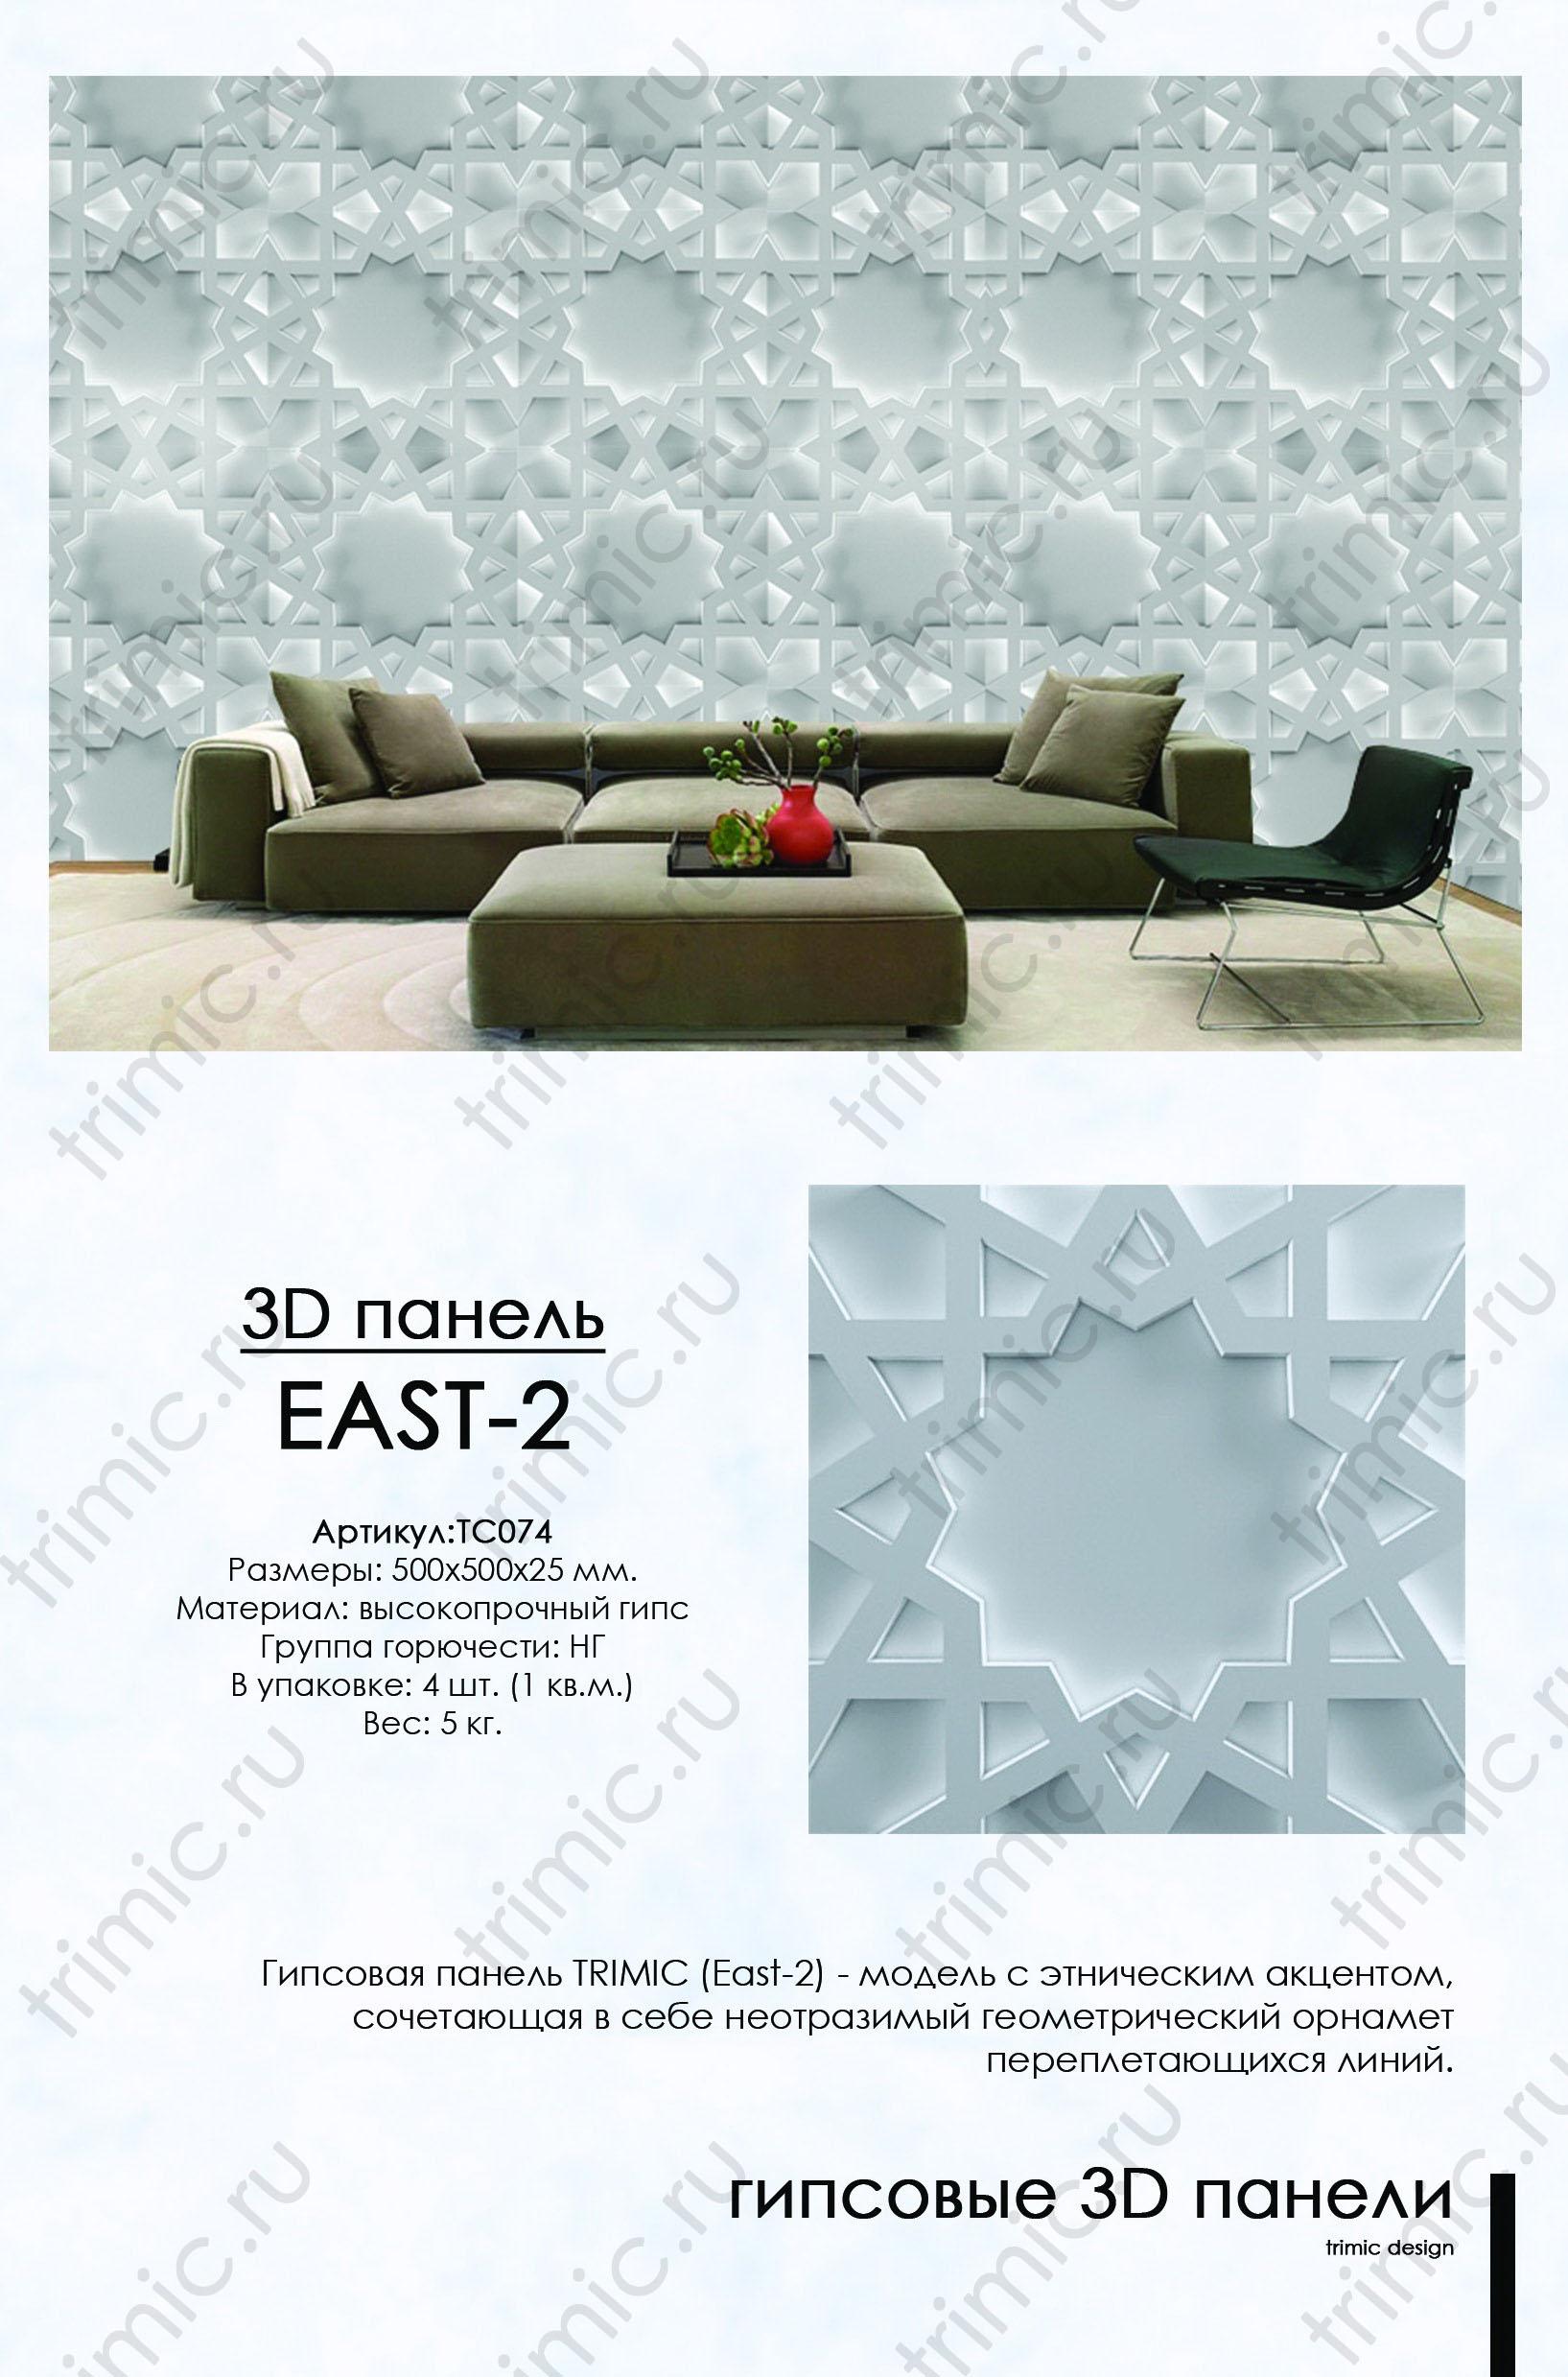 Дизайнерская 3d панель East-2модель с этническим акцентом